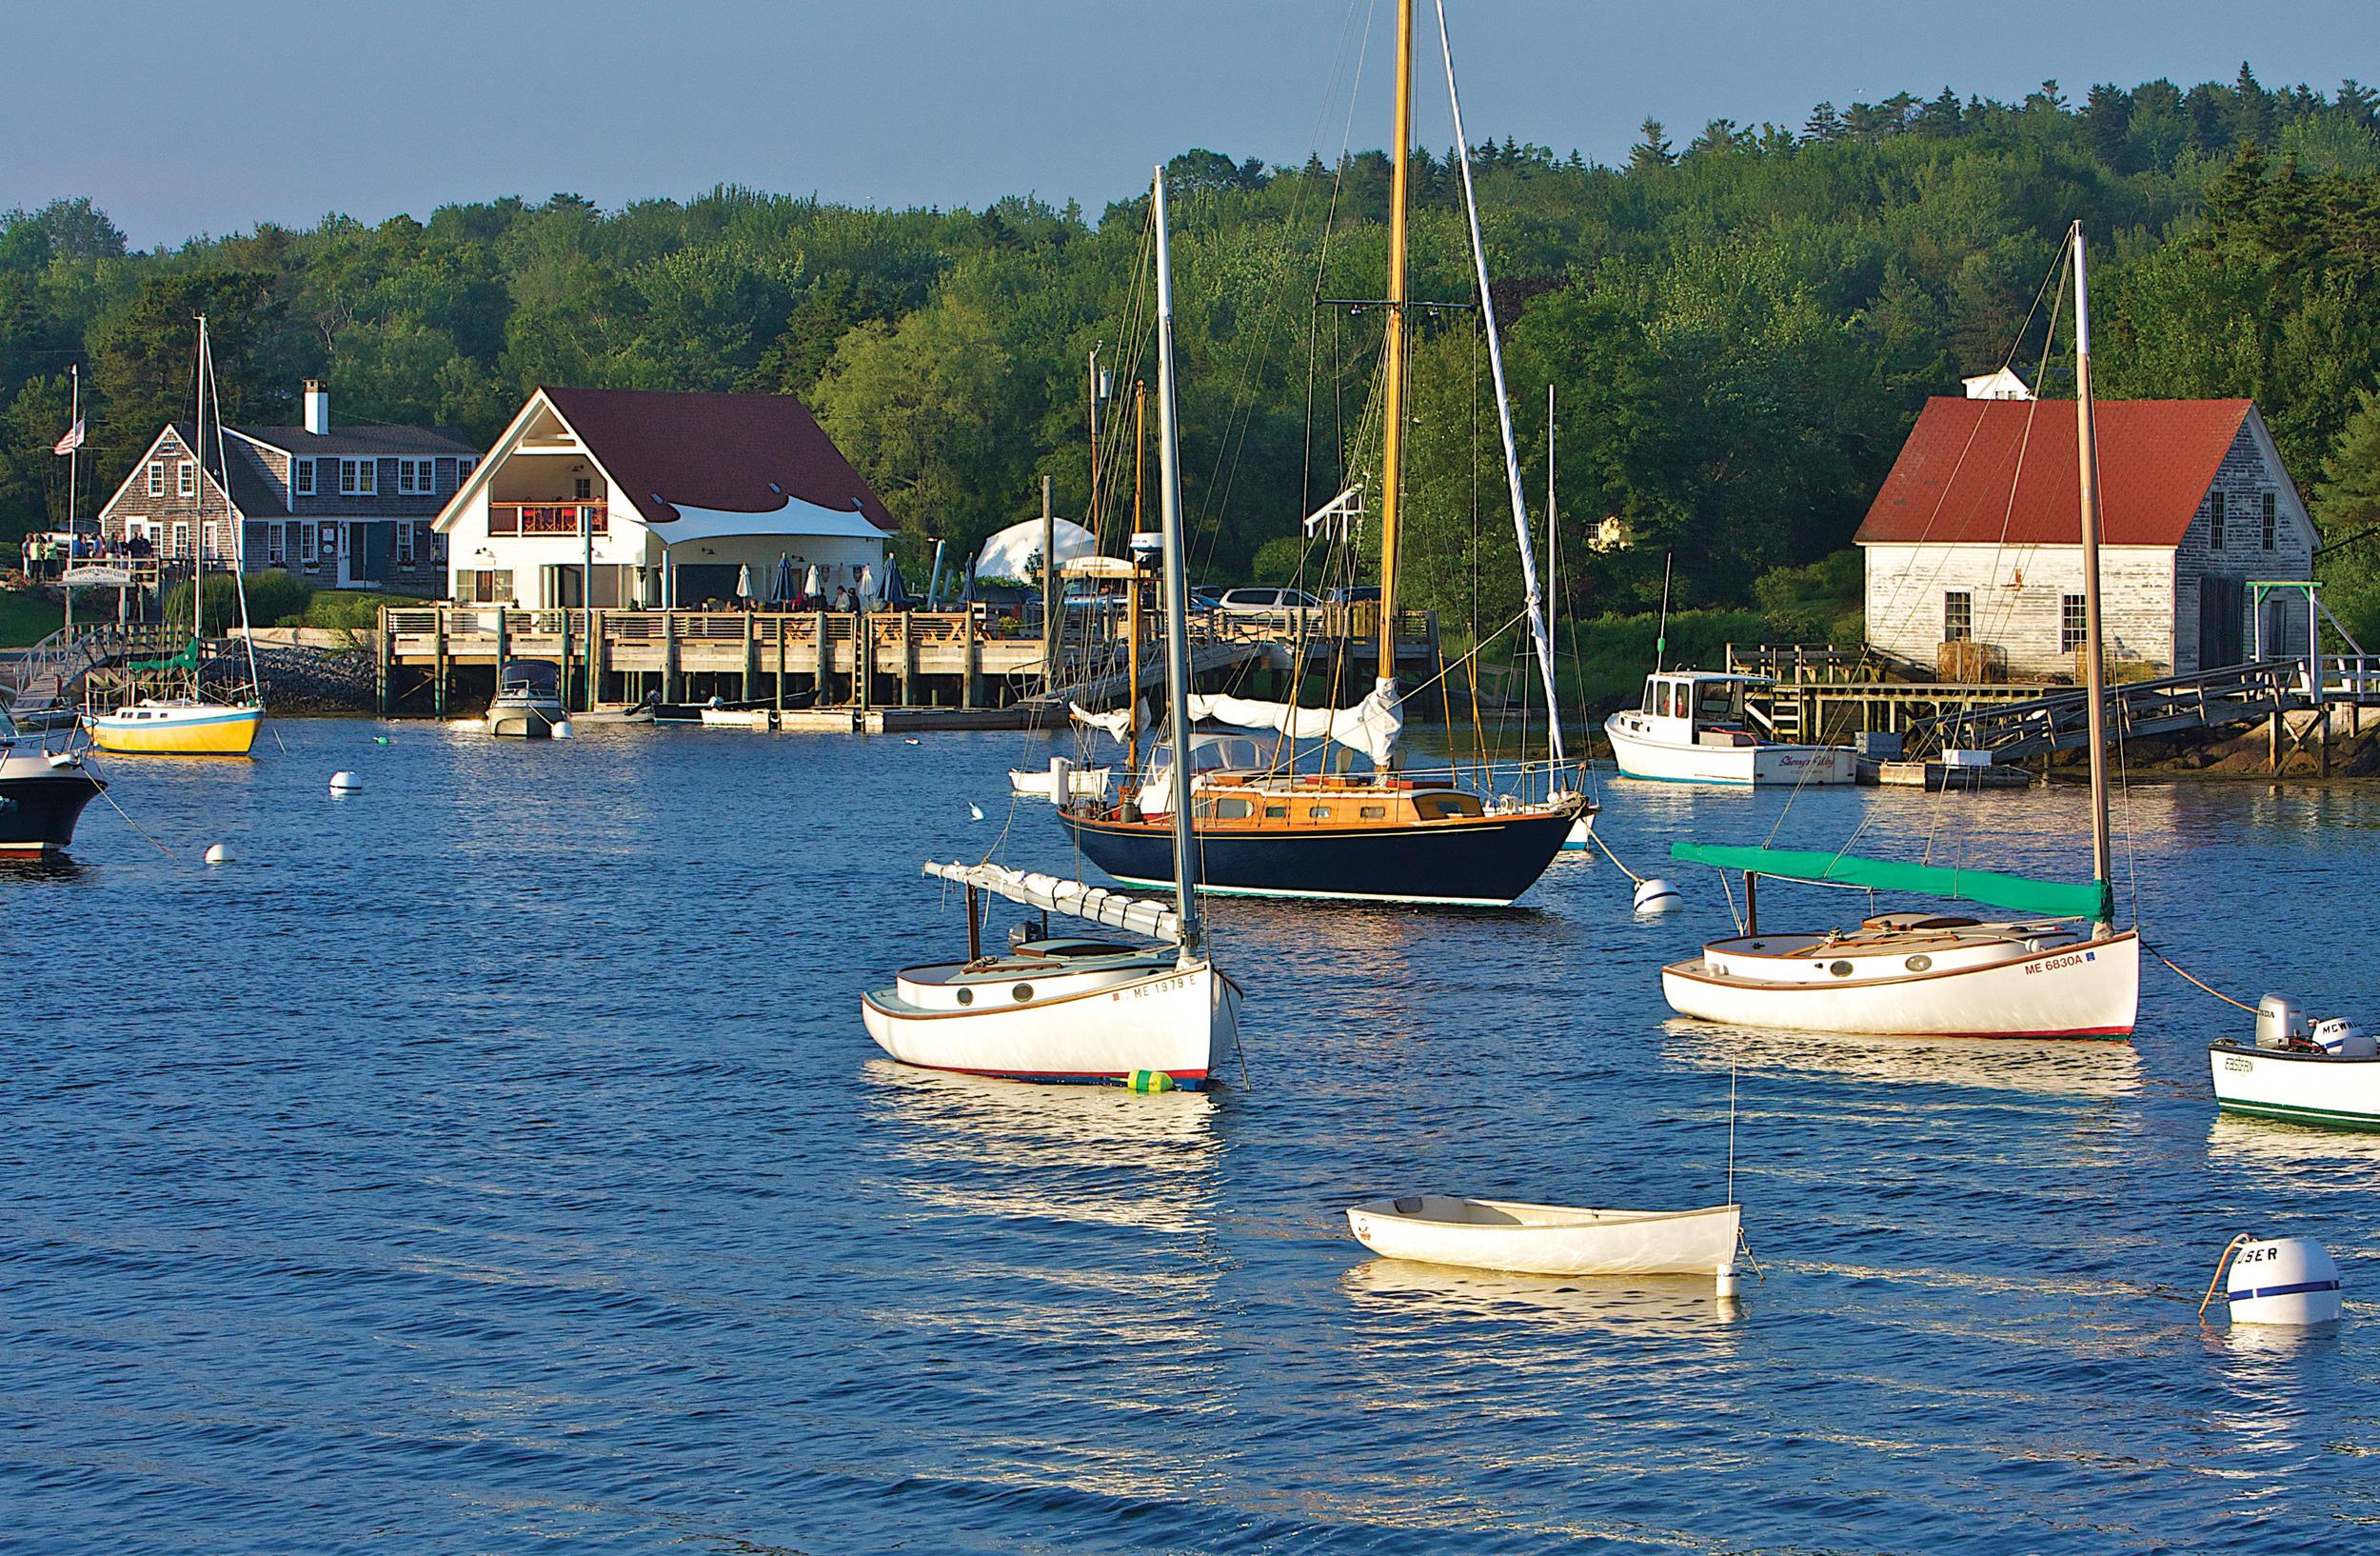 July | Cozy Harbor, Southpor